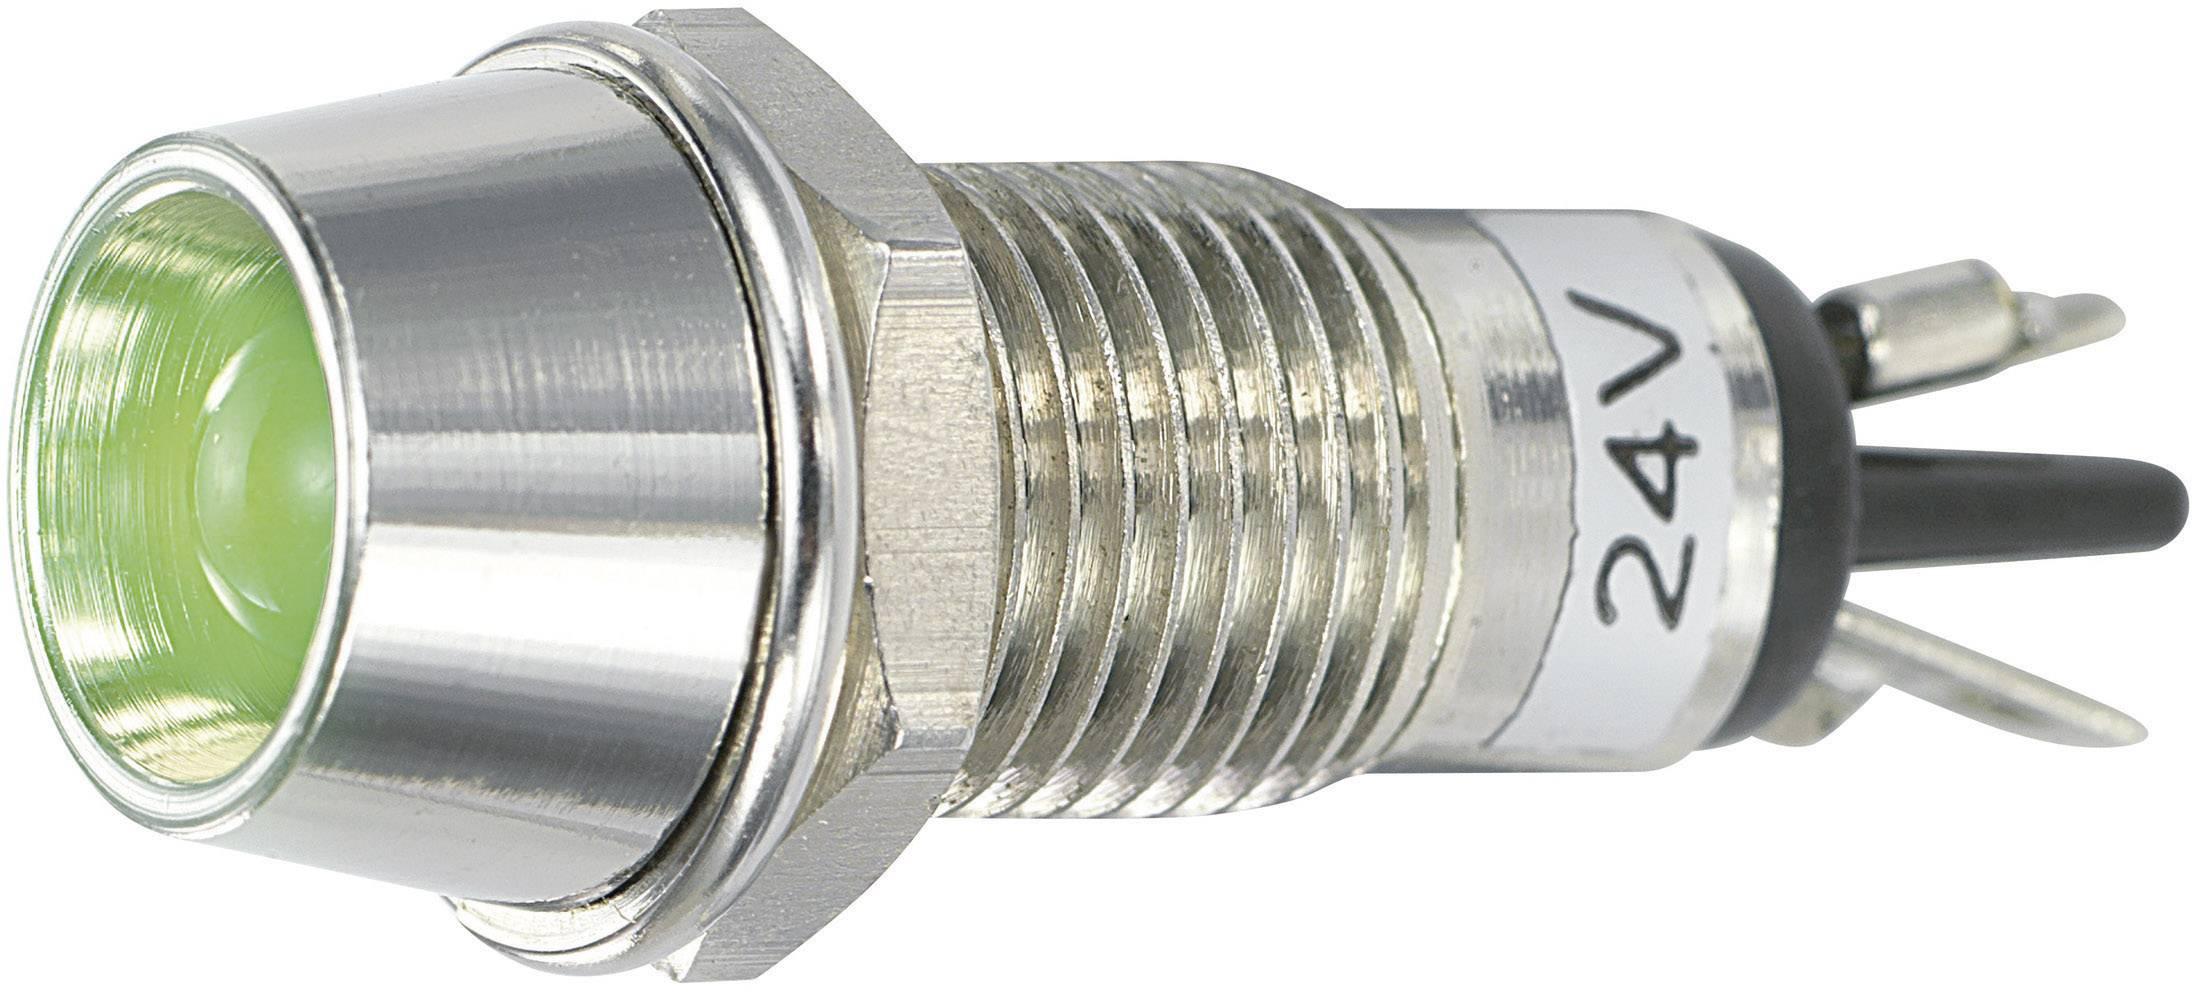 LED signálka SCI R9-115L 24 V GREEN, vnitřní reflektor 5 mm, 24 V/DC, zelená